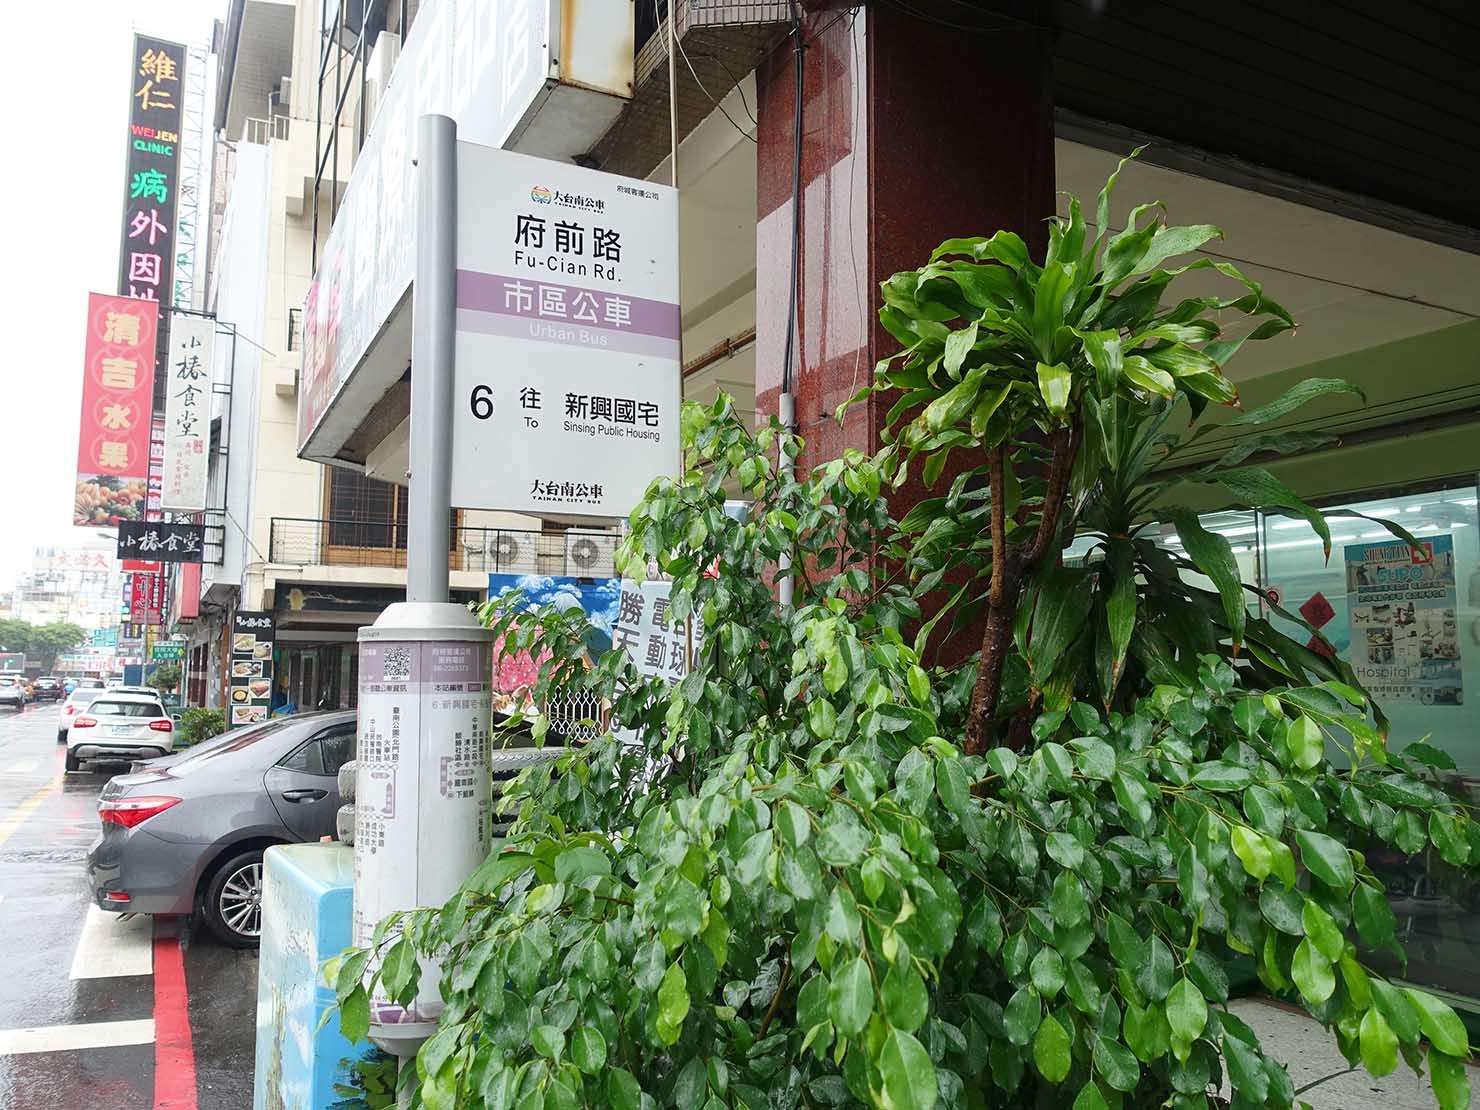 台南のバス停「府城路」